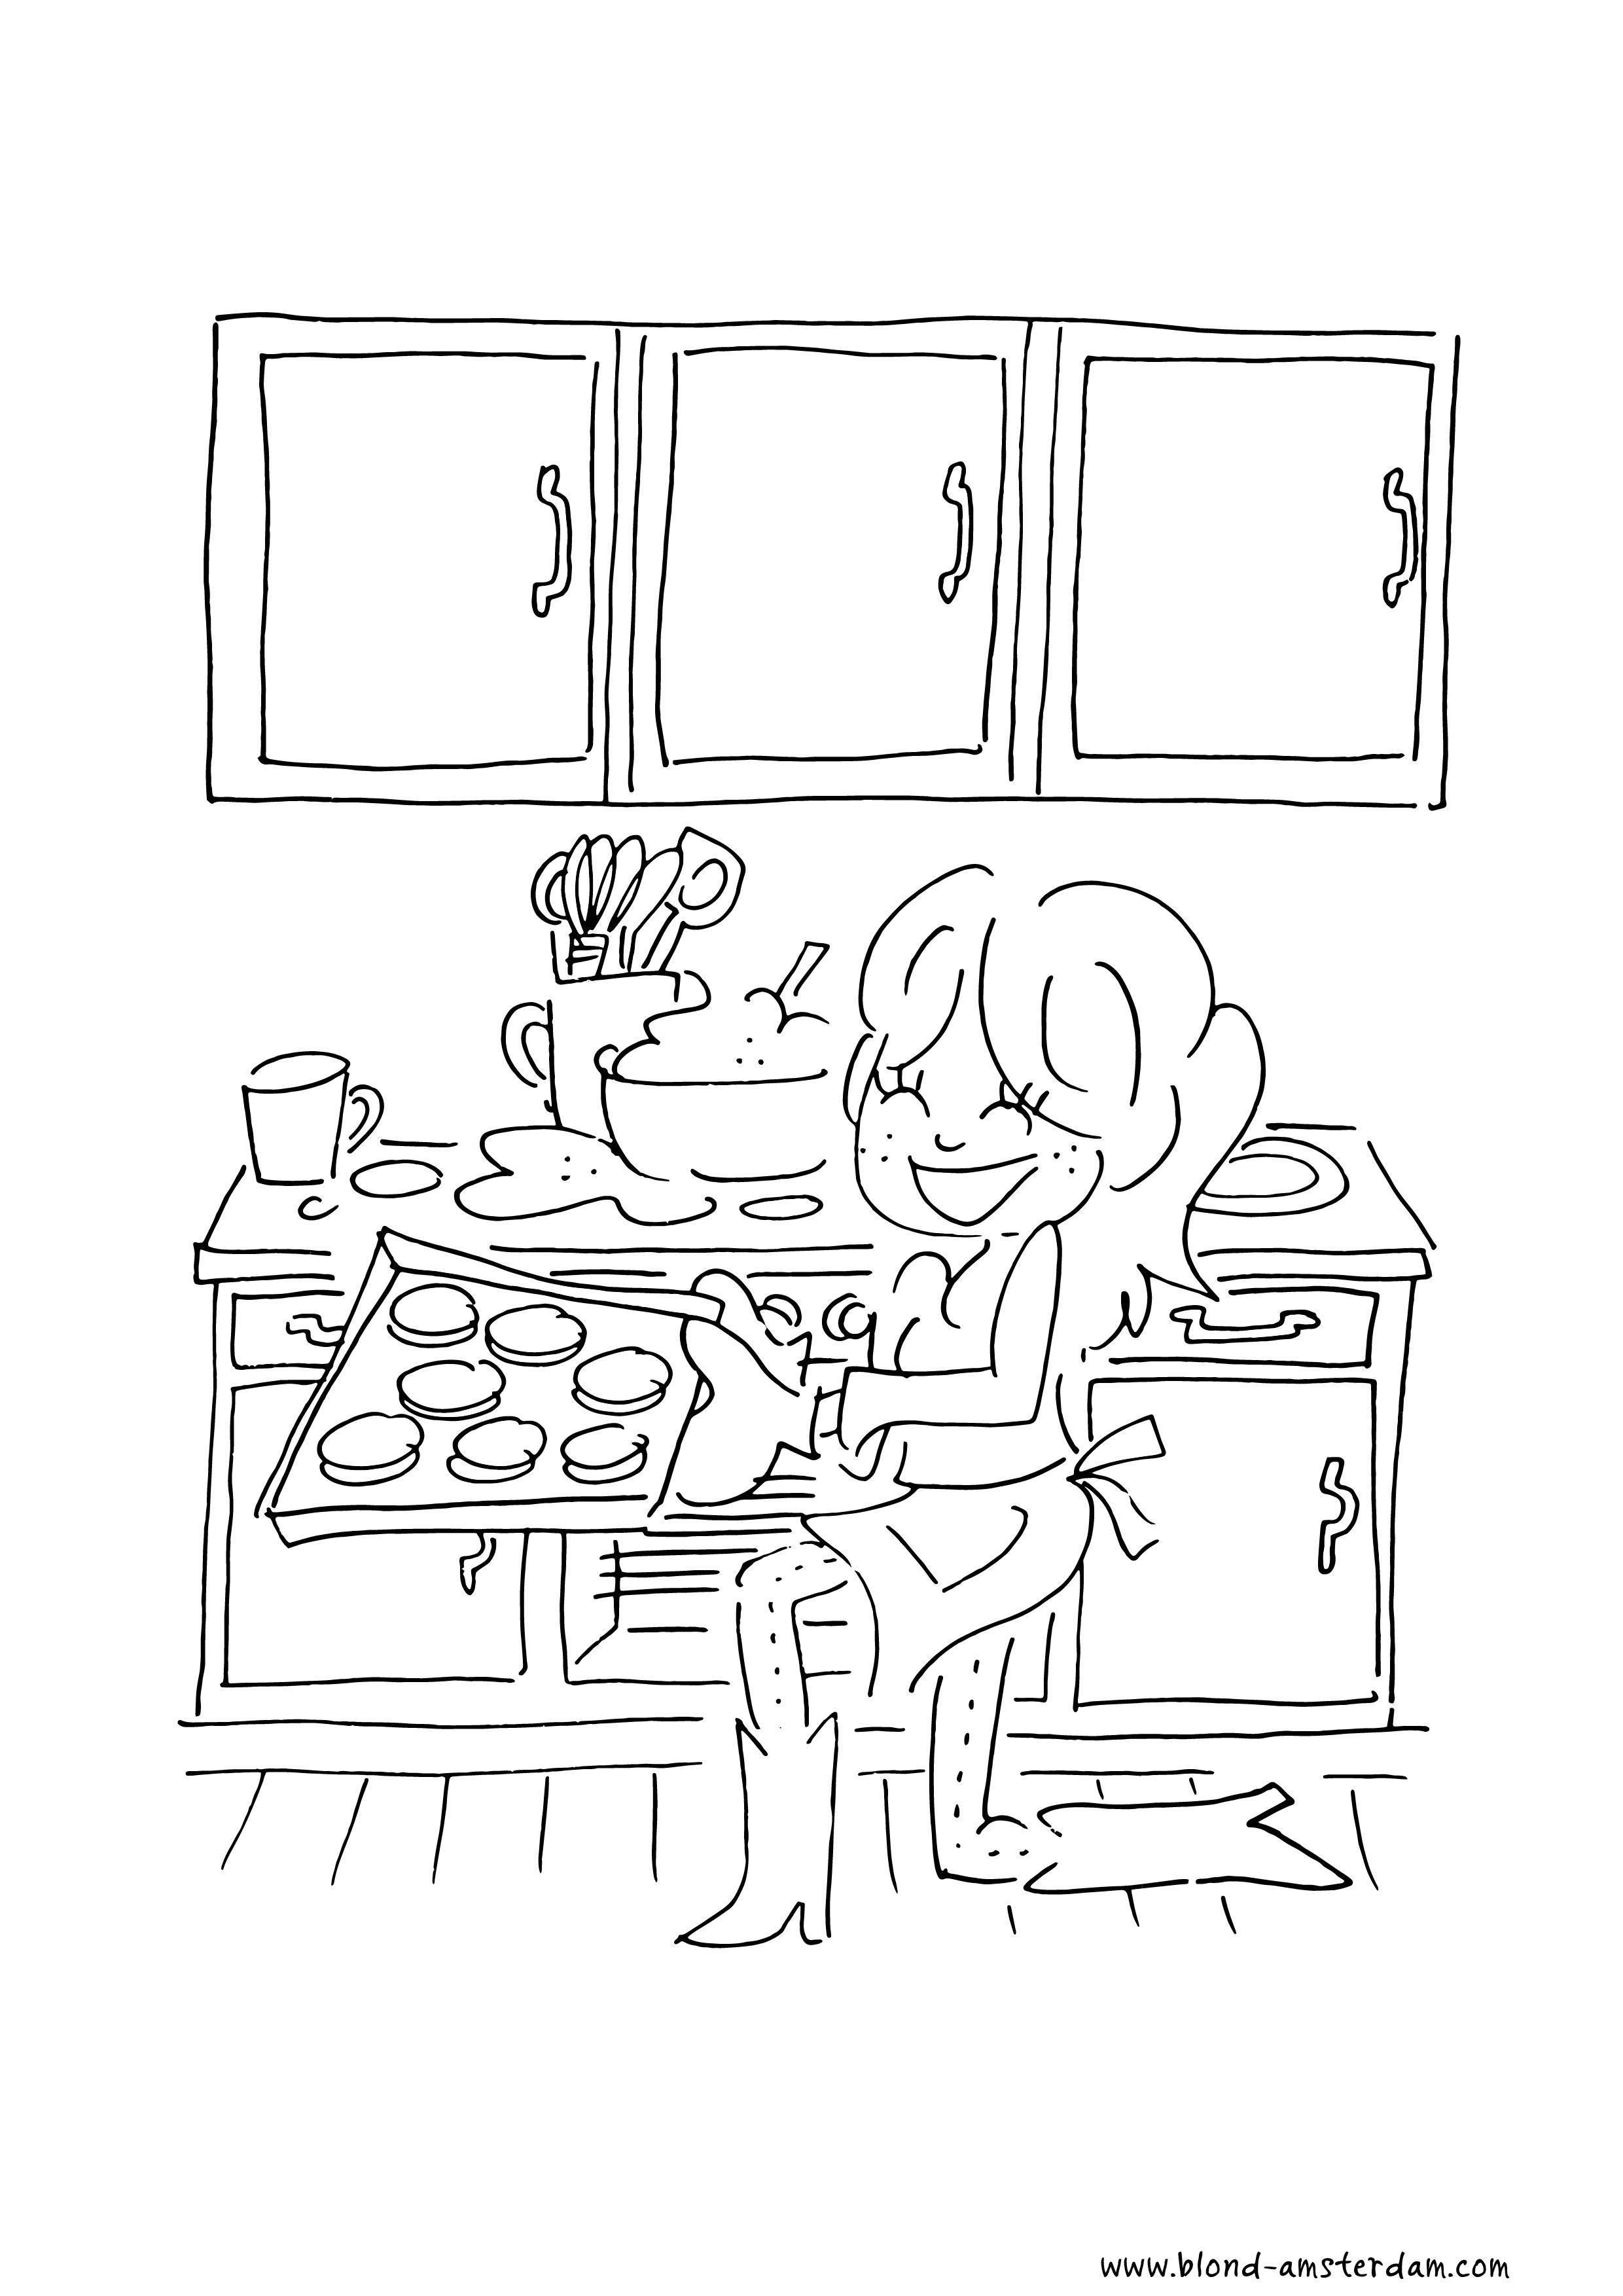 Blond kleurplaat meisje bakken